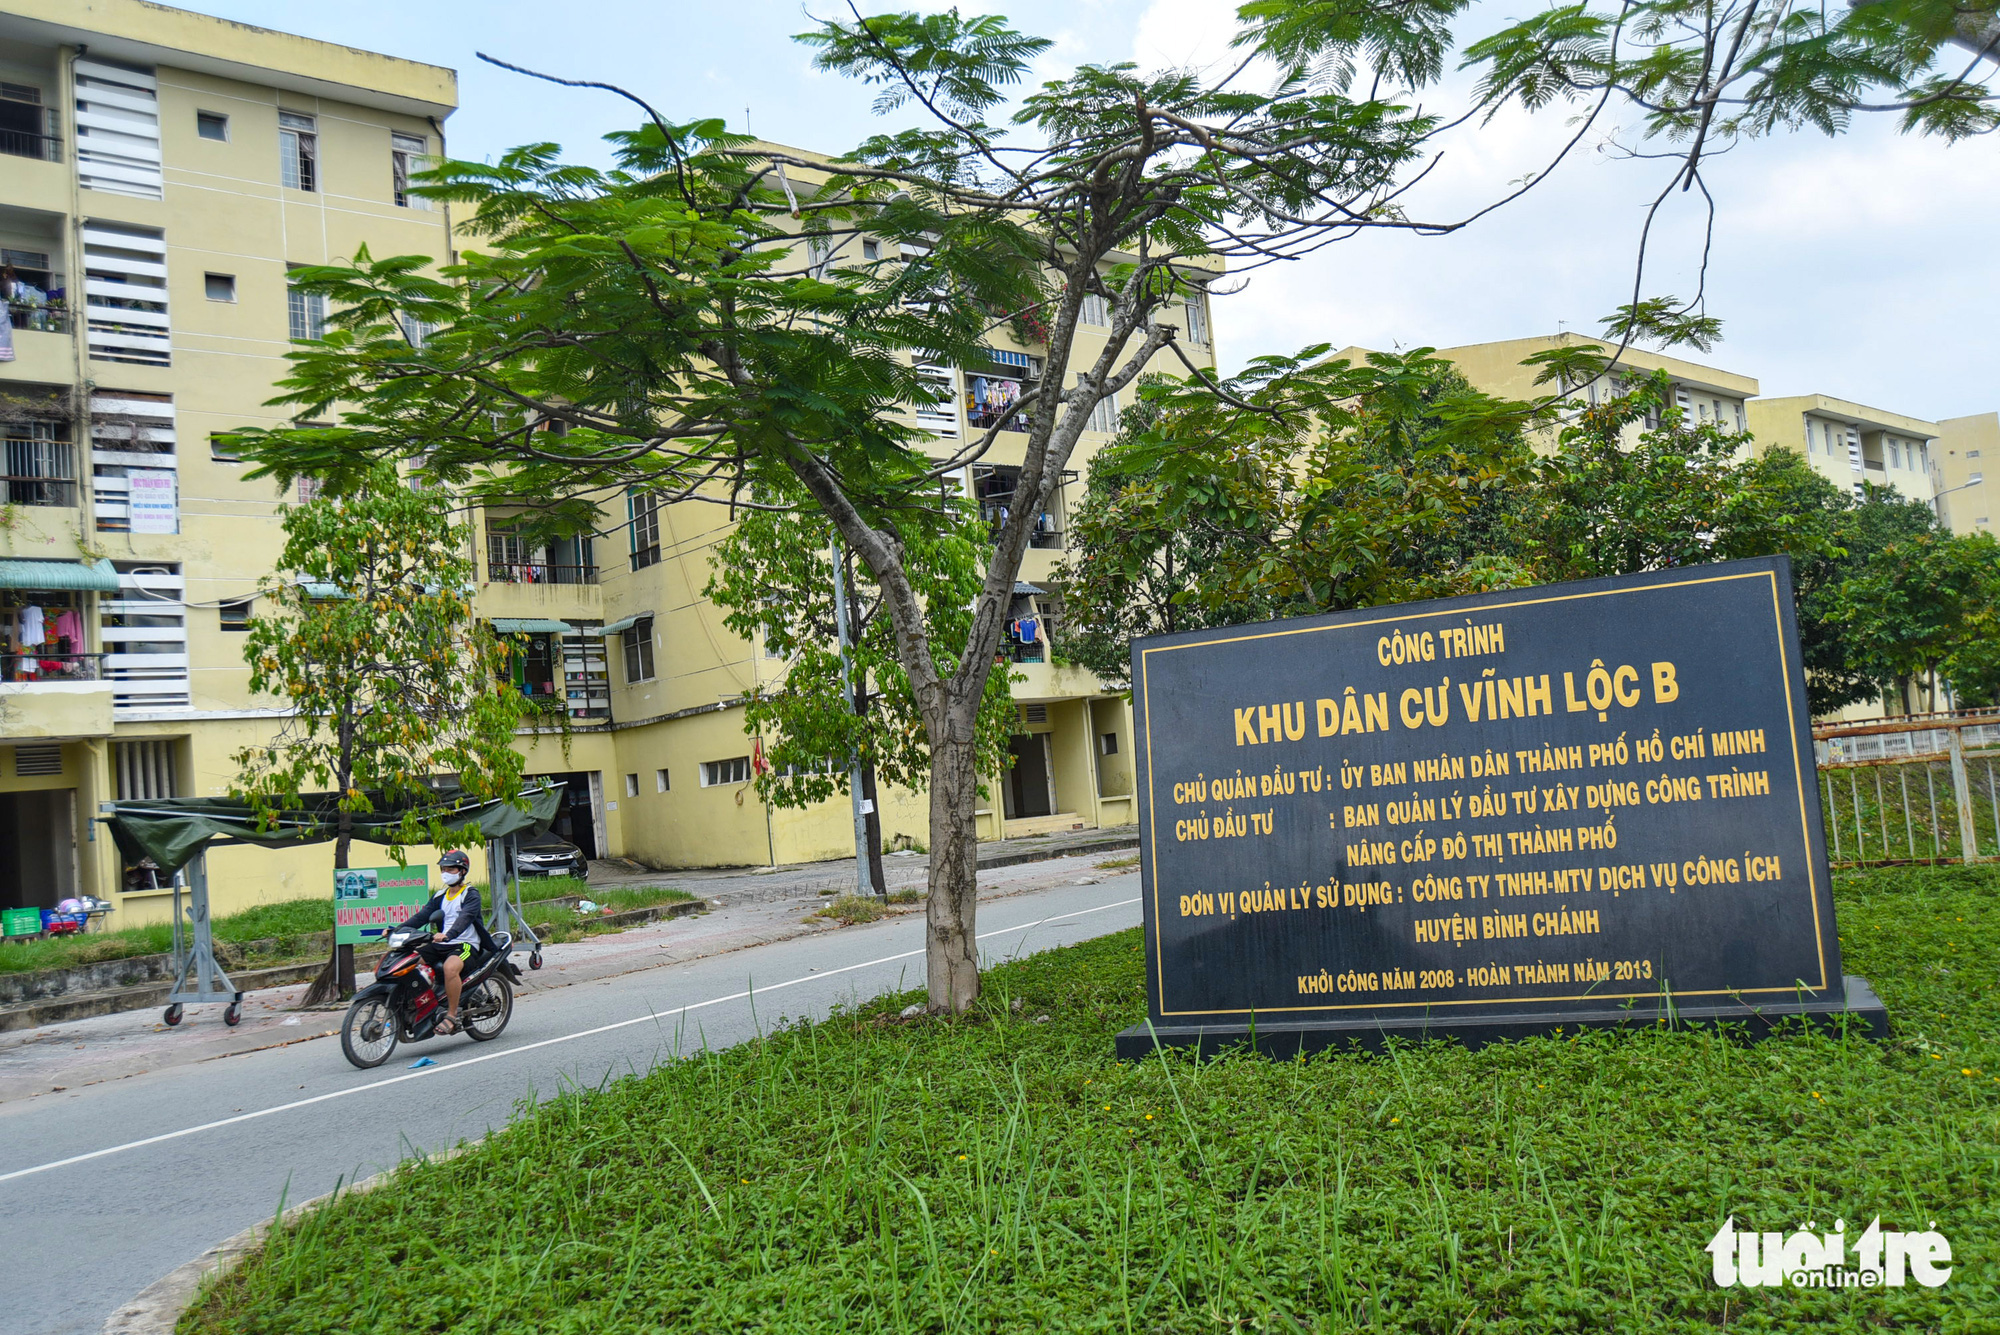 Khu nhà tái định cư Vĩnh Lộc B, Bình Chánh được đầu tư với 2.000 căn hộ, số vốn hơn 1.000 tỉ đồng nhưng thưa thớt người dân tái định cư chuyển về ở - Ảnh: QUANG ĐỊNH